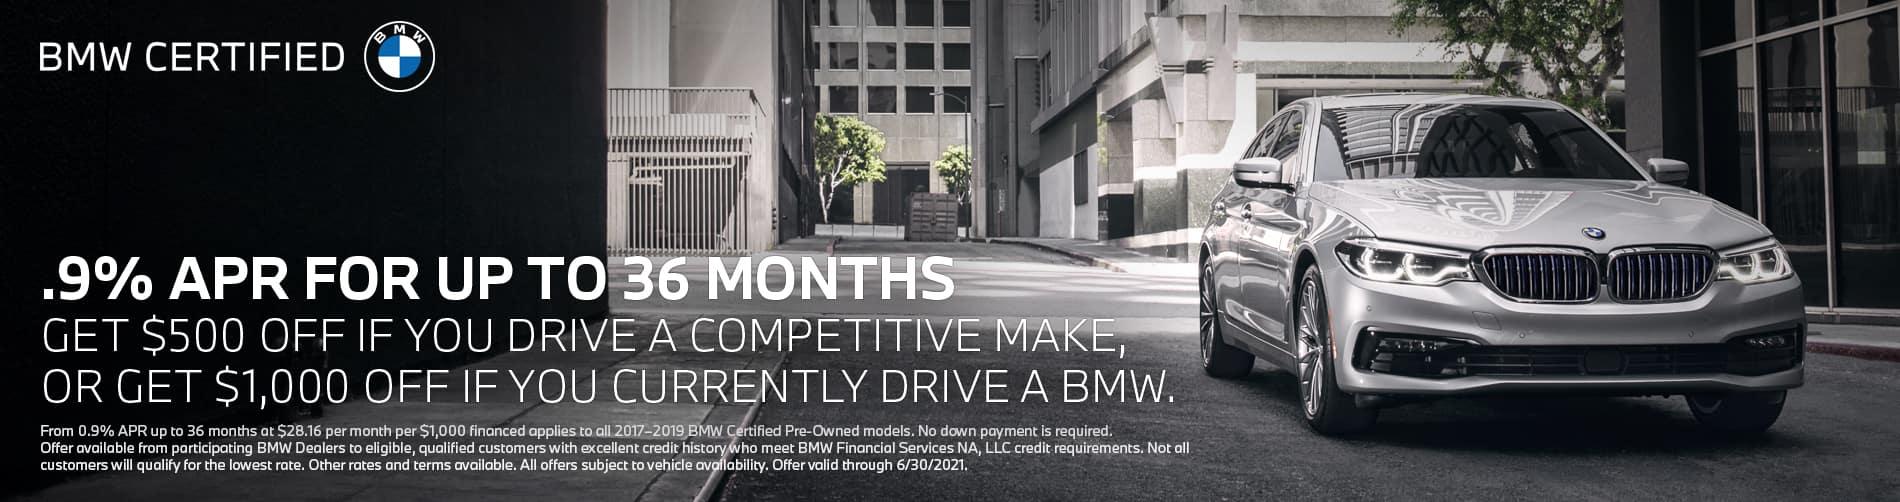 CPO BMW Offer